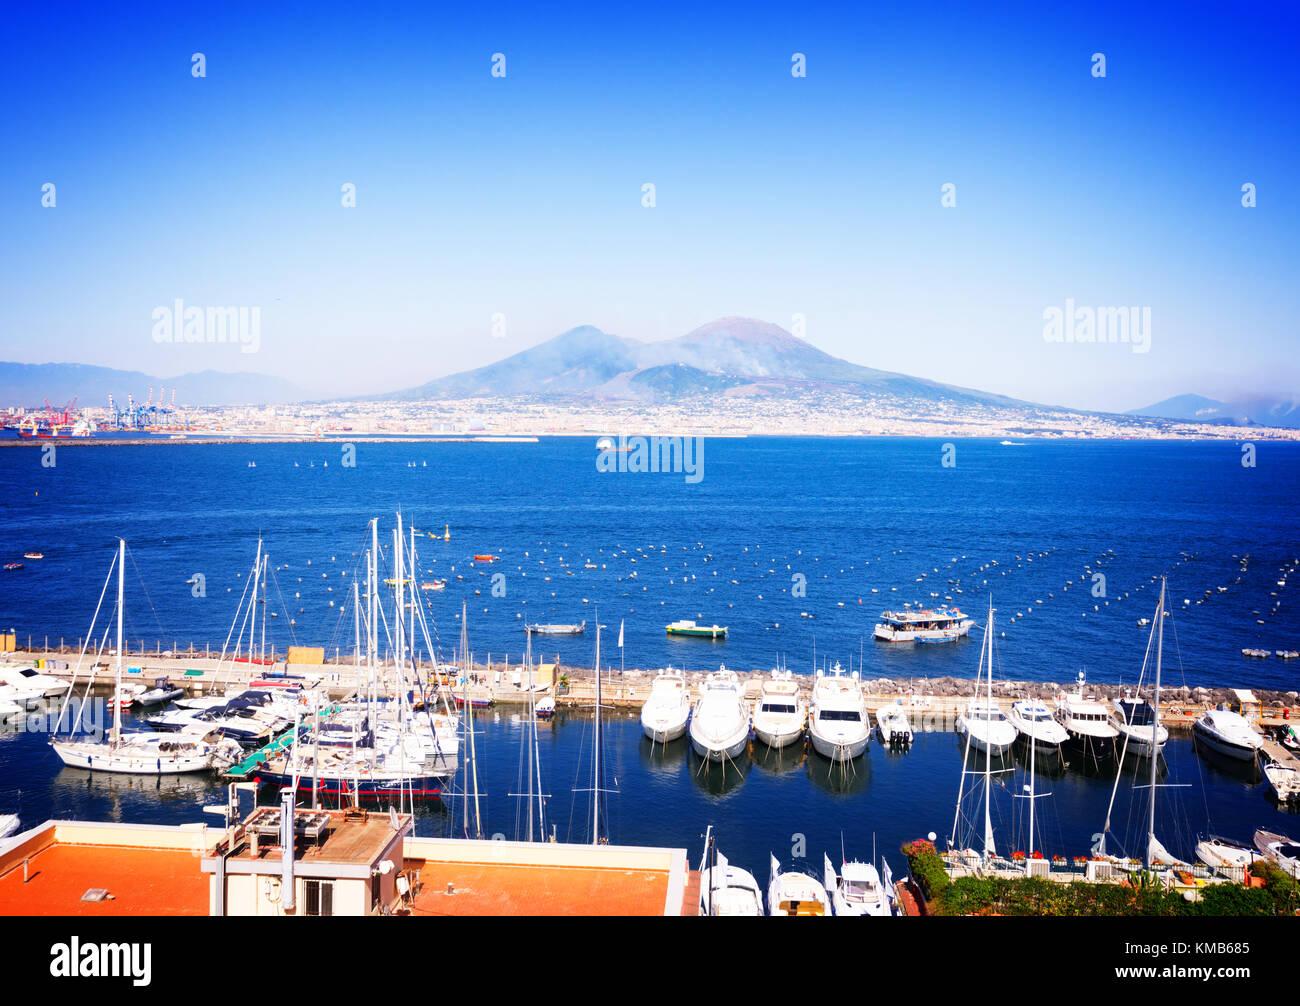 Naples and Vesuvius volcano, Italy - Stock Image